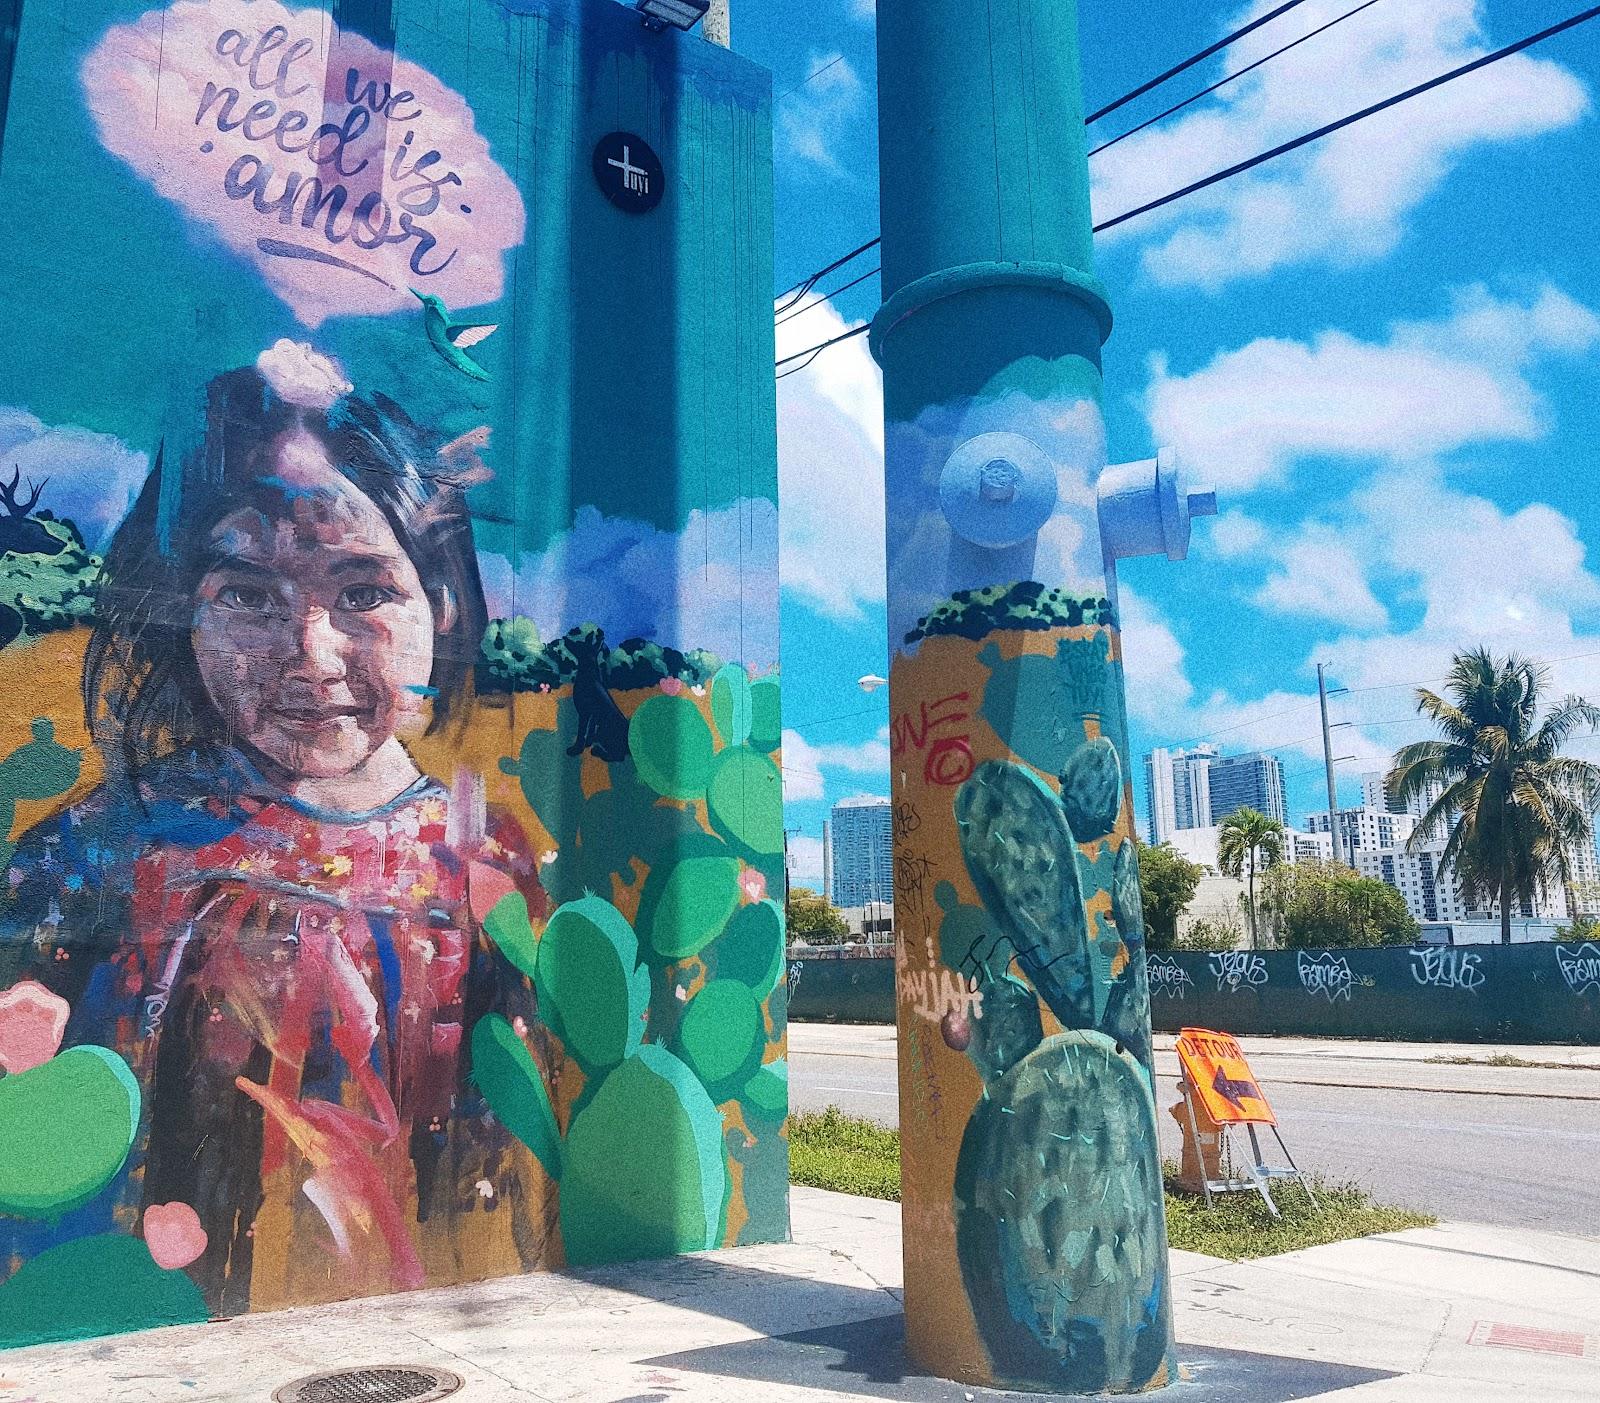 best of miami florida usa tourist places